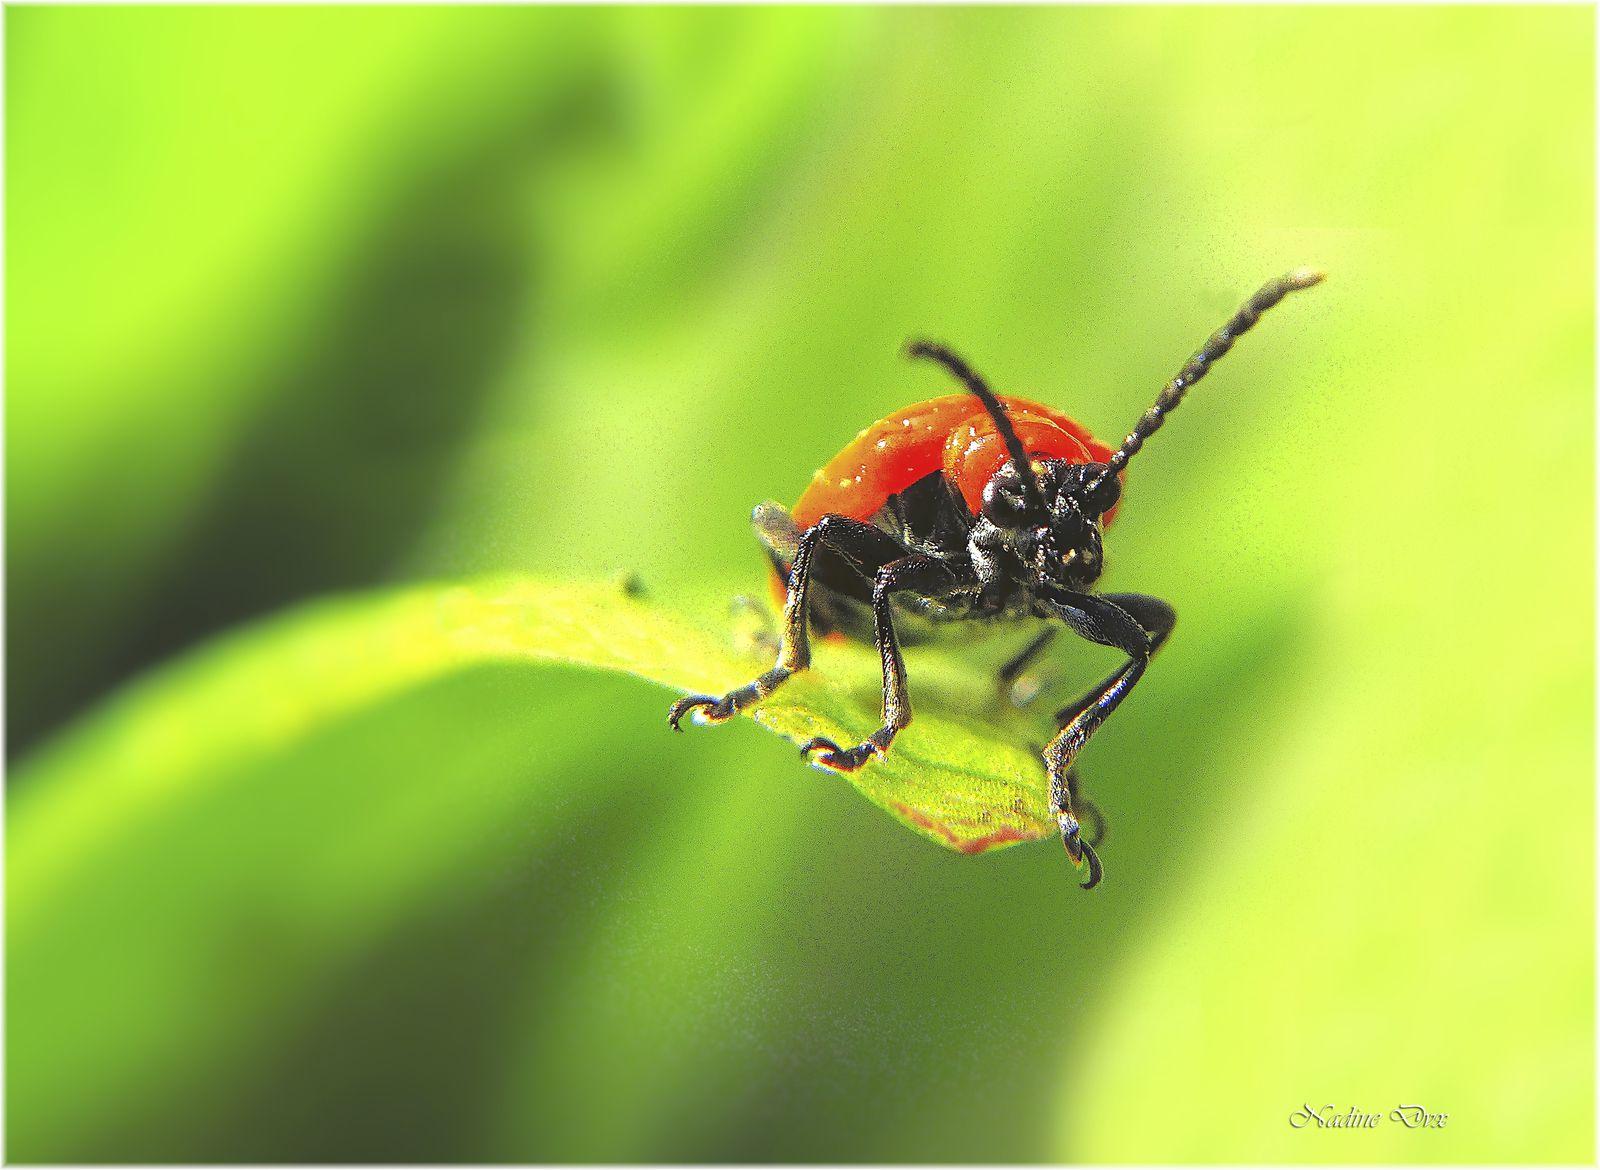 Le criocère du lis (Lilioceris lilii) - Chrysomèle - Coléoptère - (Sarthe)